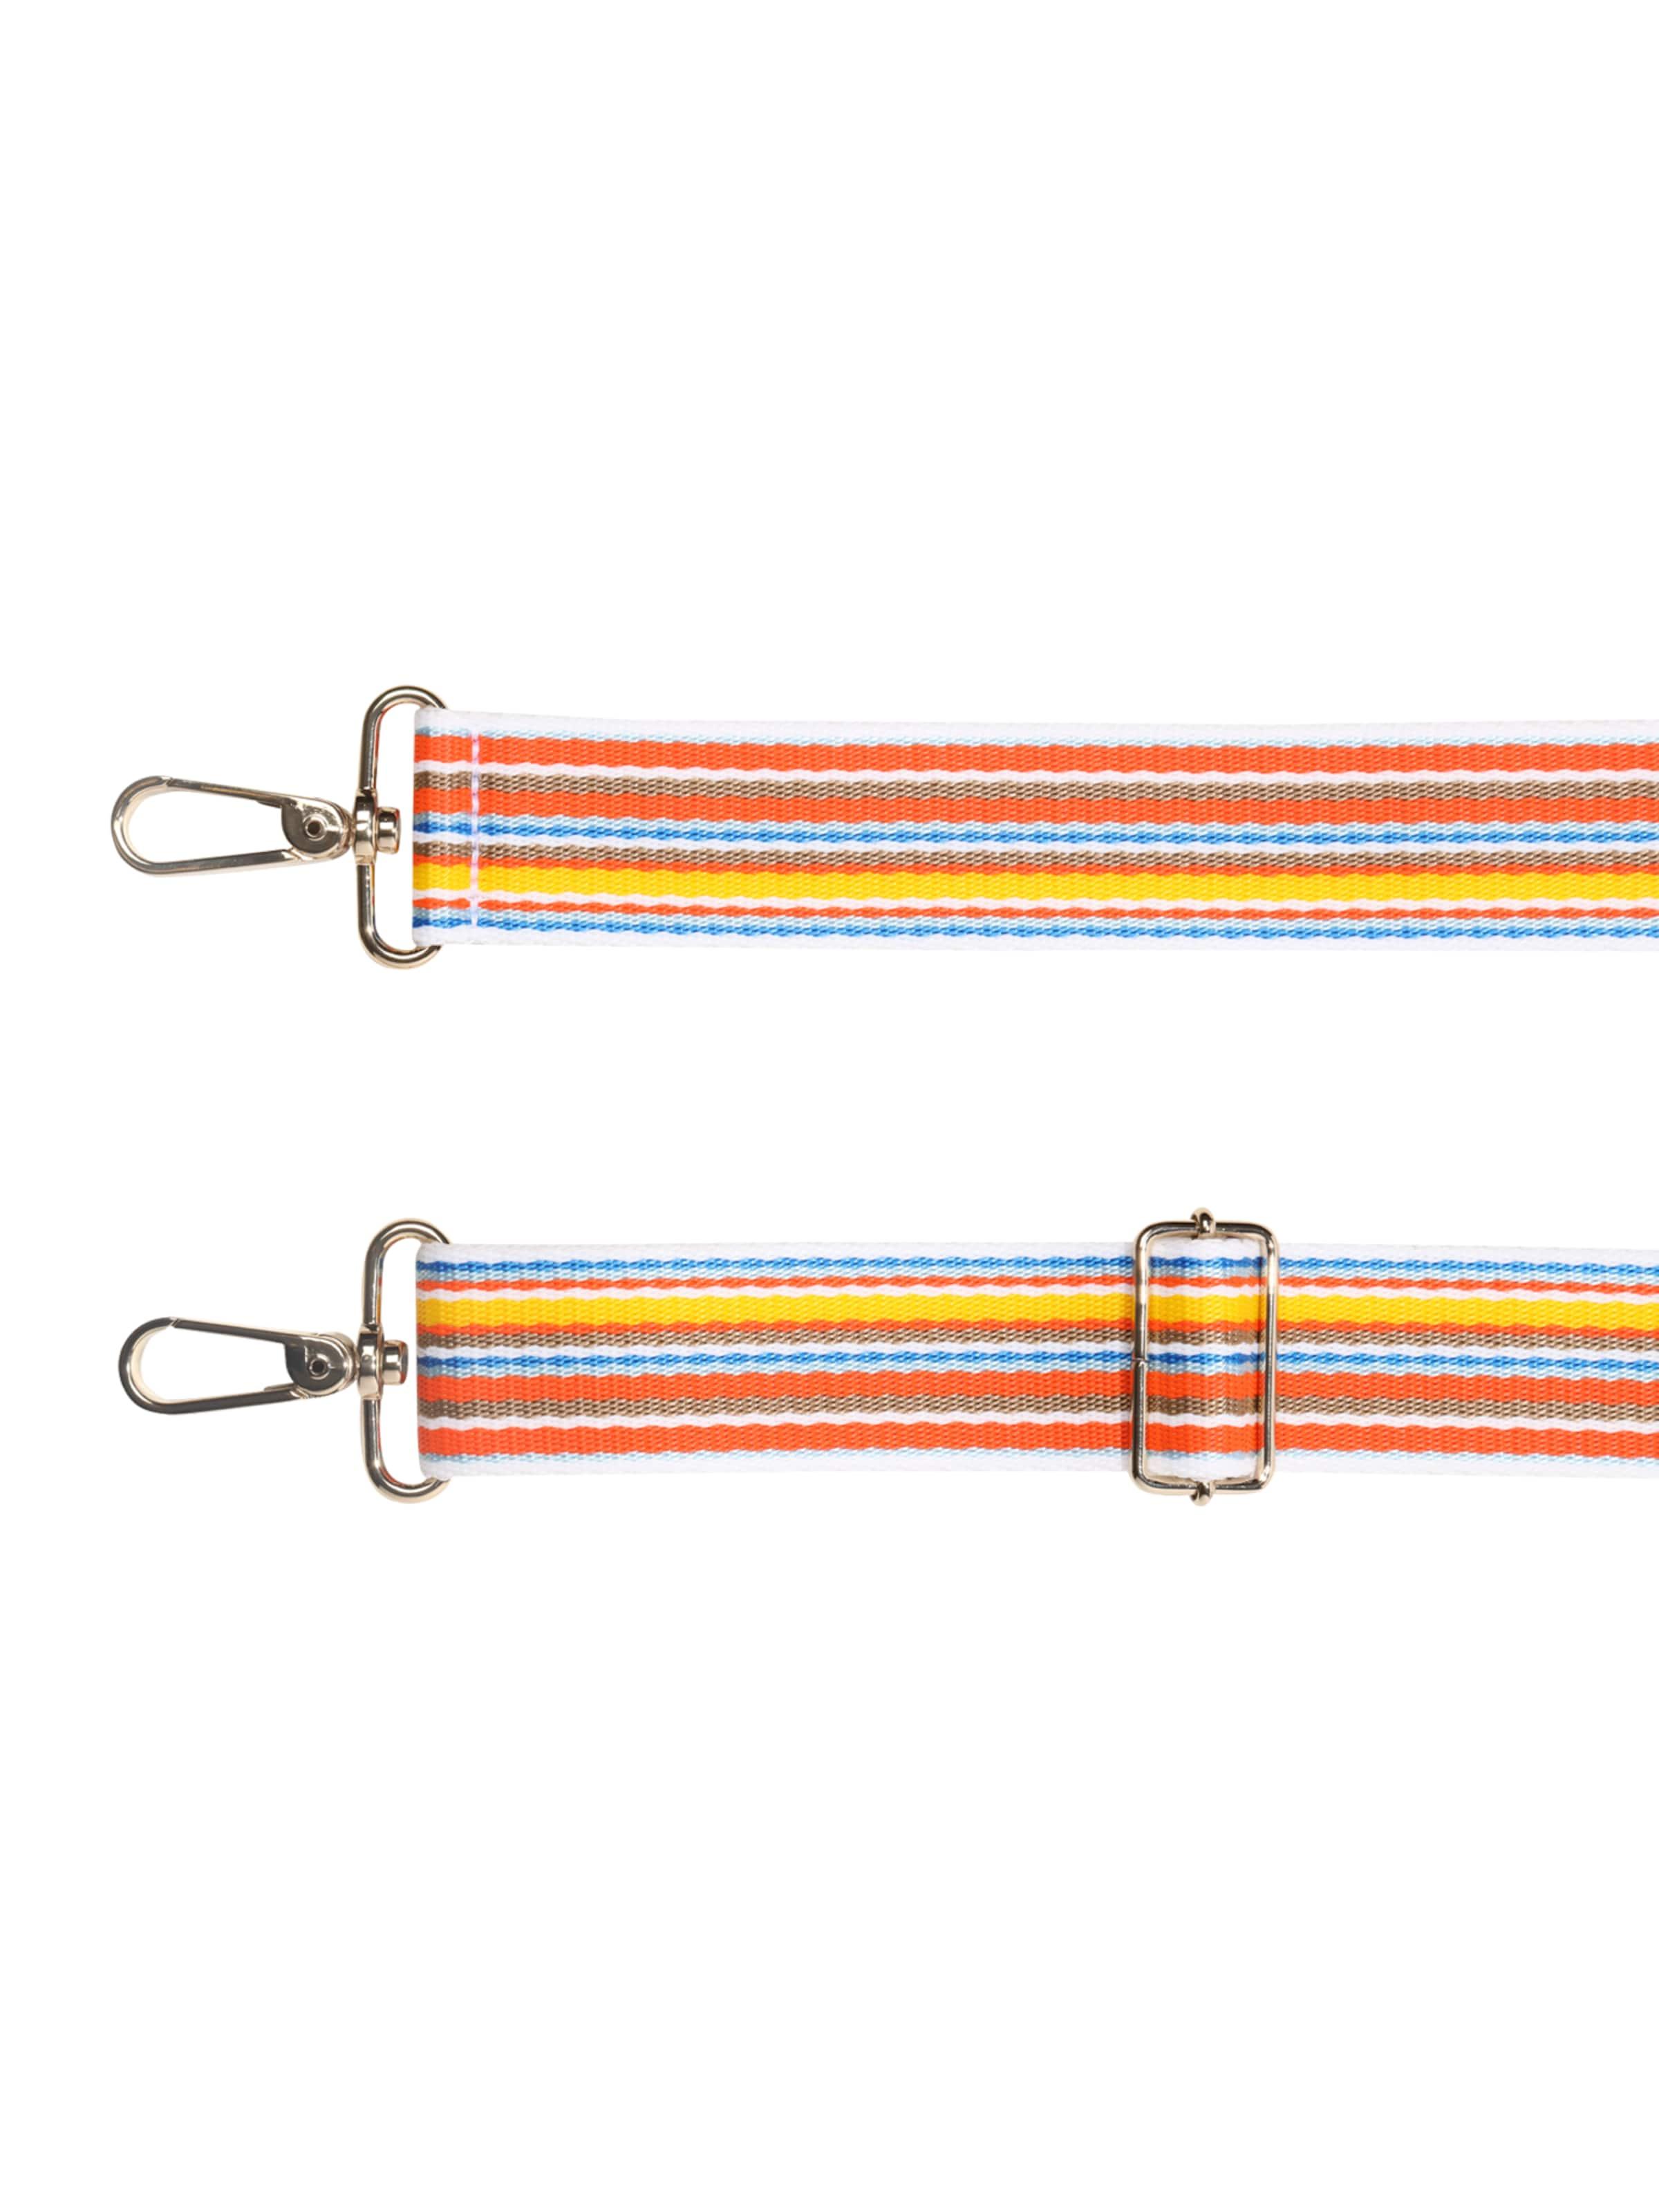 VANZETTI Textil-Taschengurt mit Streifen Hohe Qualität Günstiger Preis 2018 Online-Verkauf Erstaunlicher Preis W6Ea0h5sCo